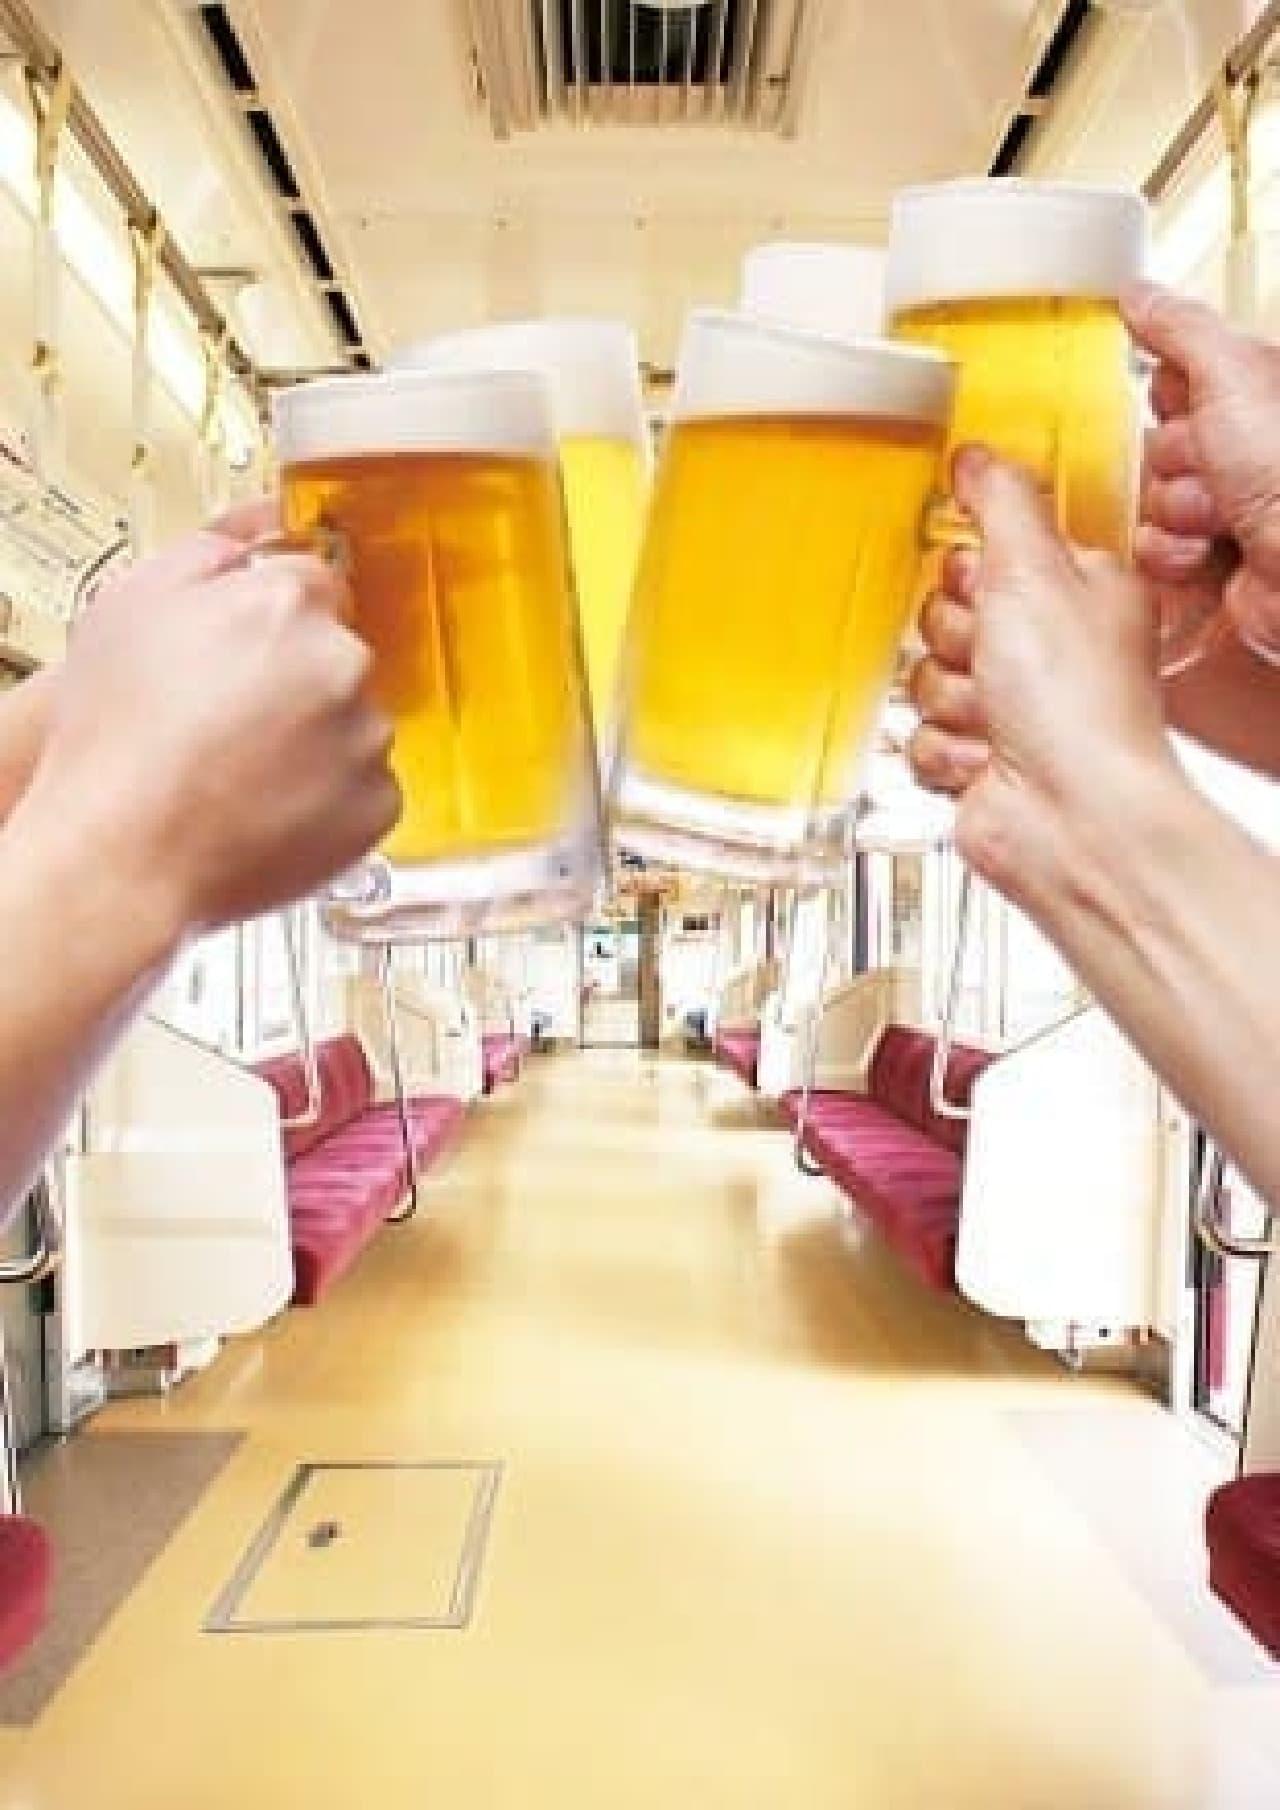 京急×キリンビール横浜工場90周年記念ビール電車